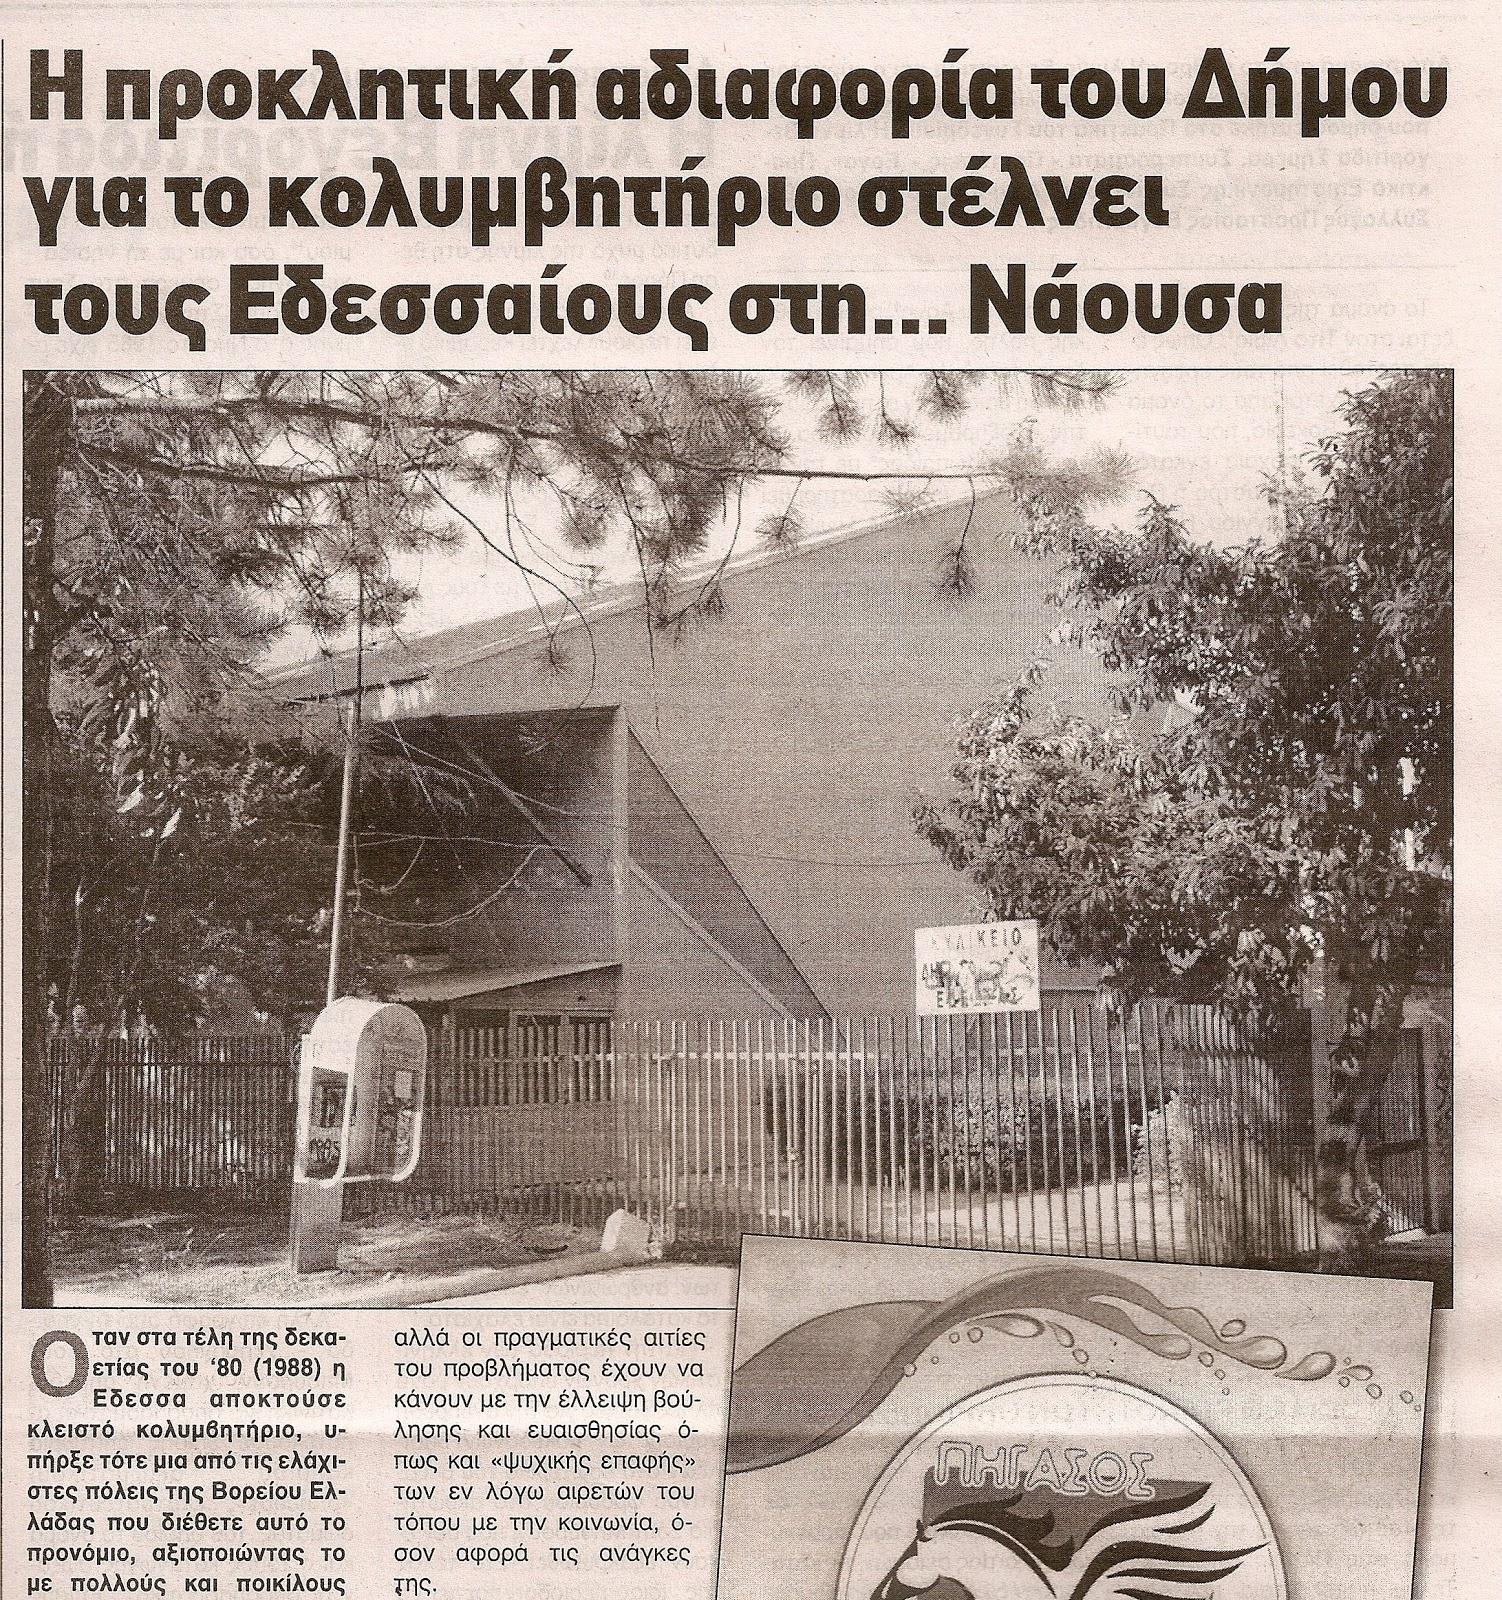 Η προκλητική αδιαφορία του Δήμου Έδεσσας για το κολυμβητήριο στέλνει τους Εδεσσαίους στη... Νάουσα